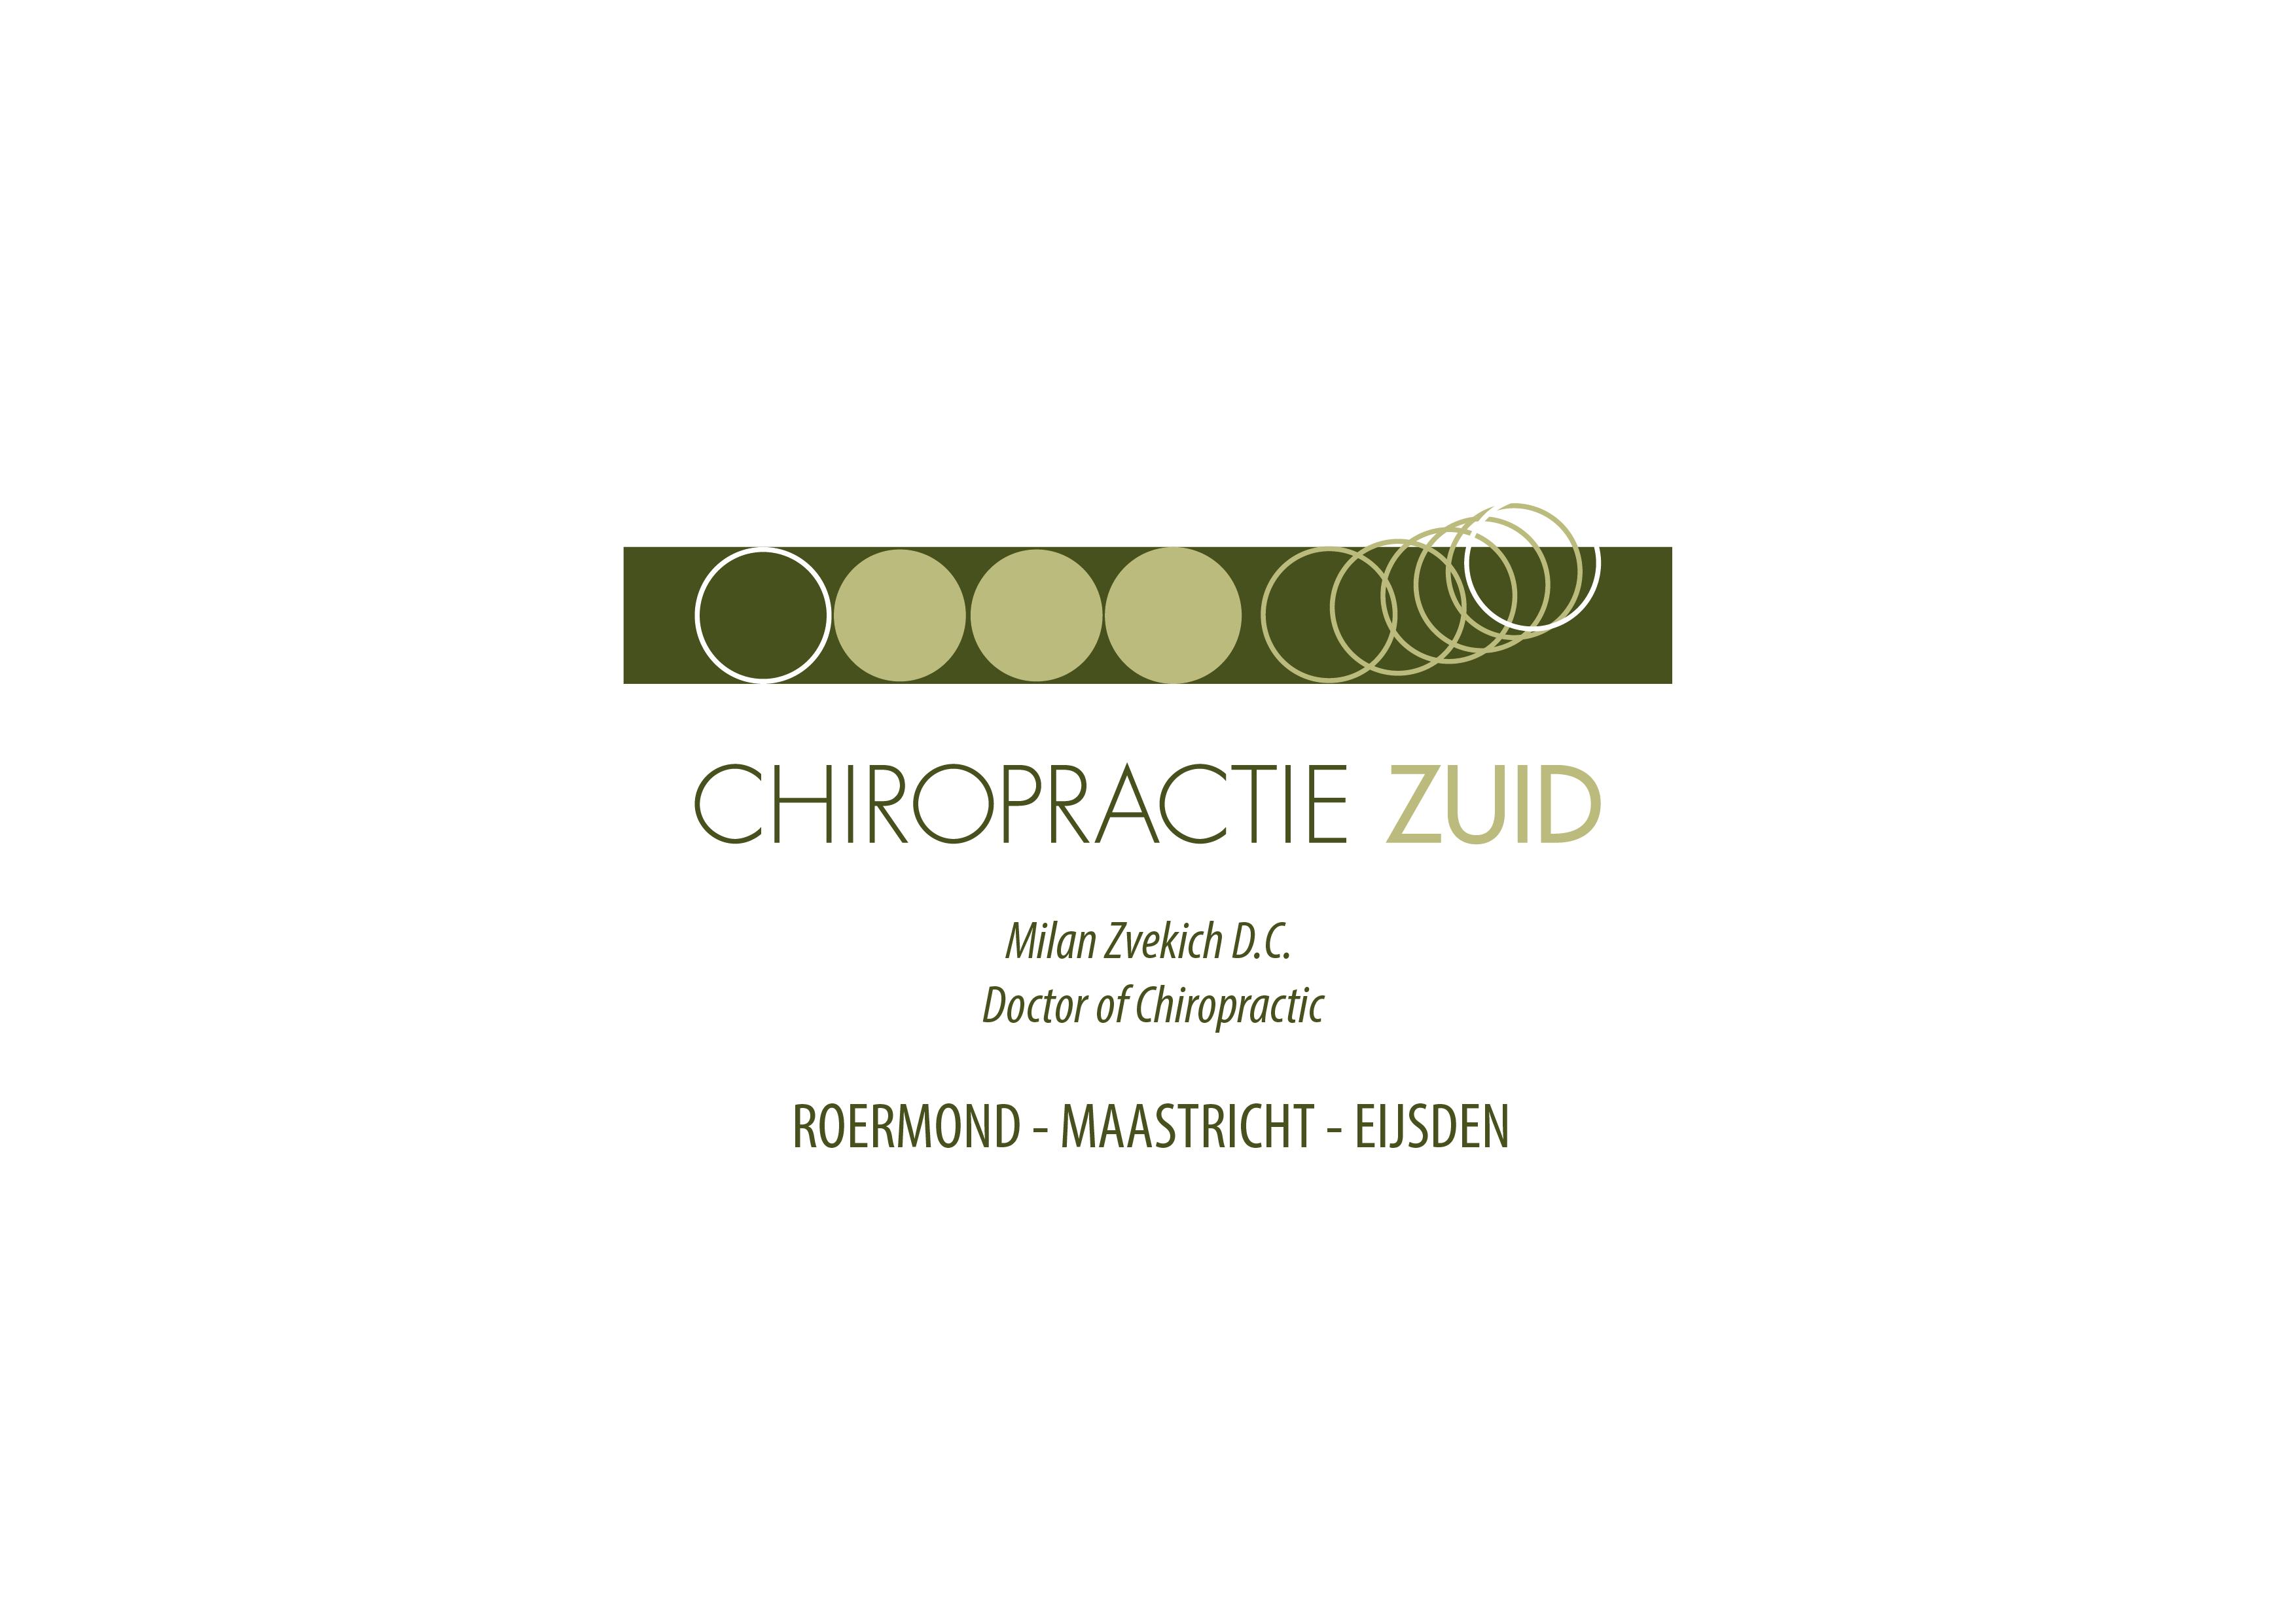 Chiropractie Zuid